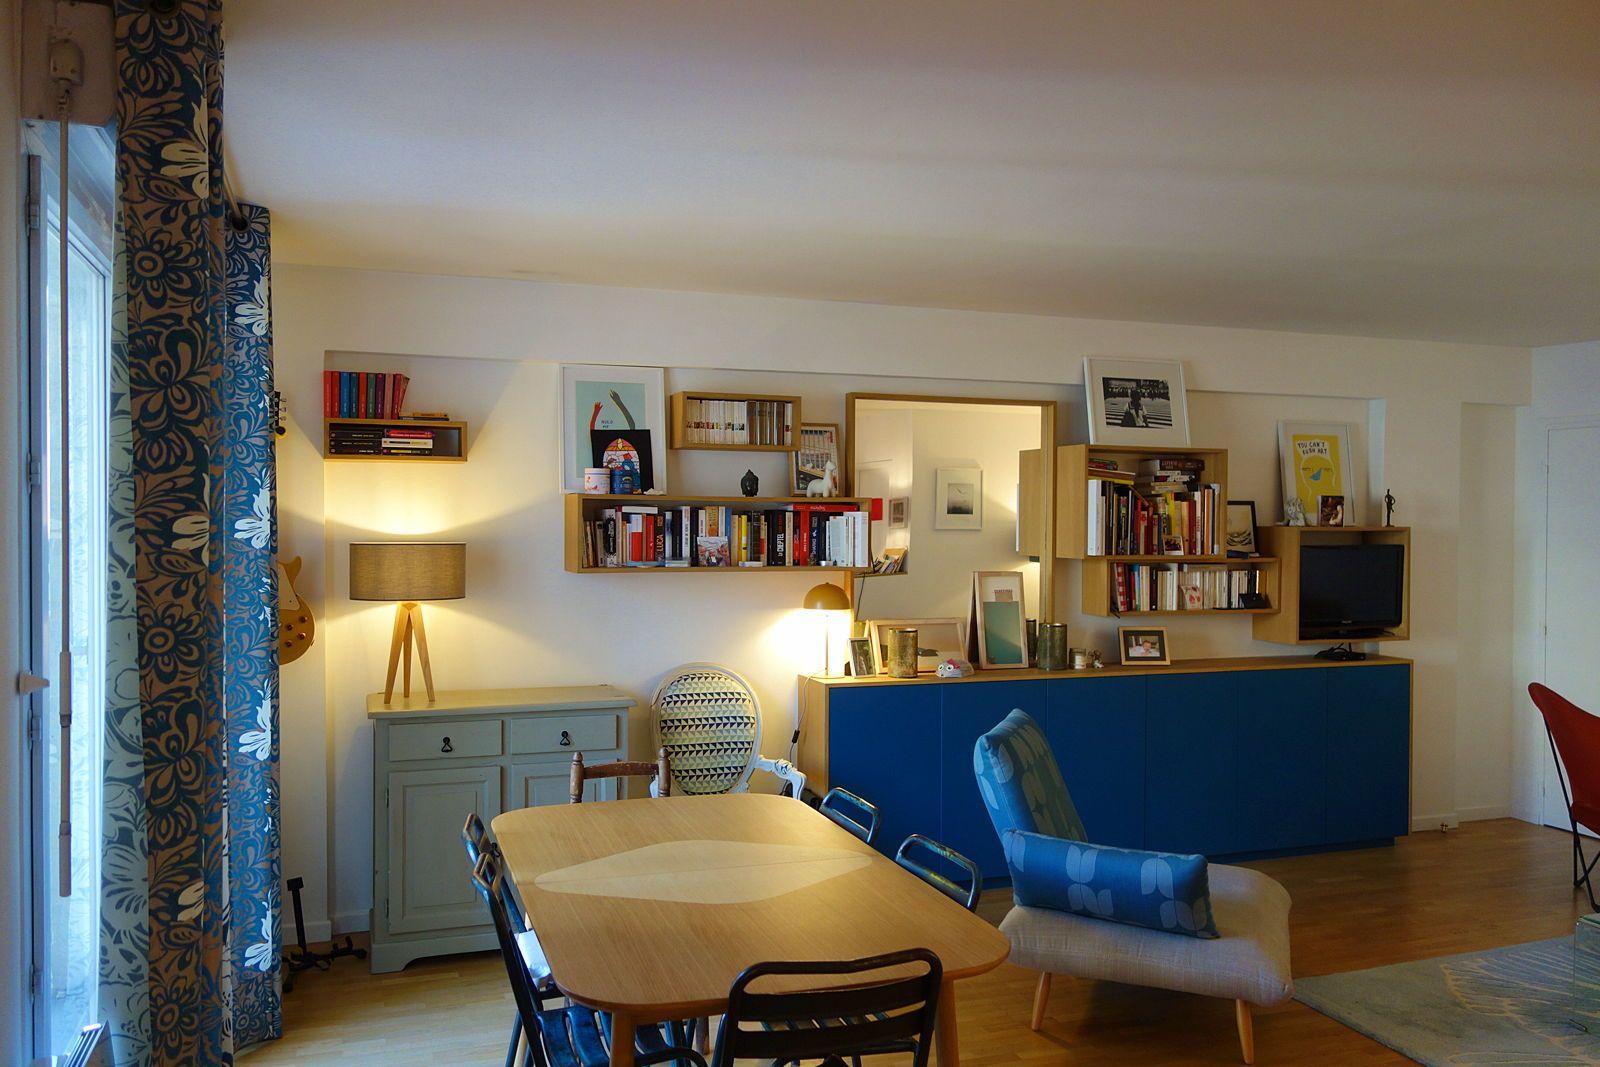 Loue appartement familial T54chambres 100m² à Levallois-Perret